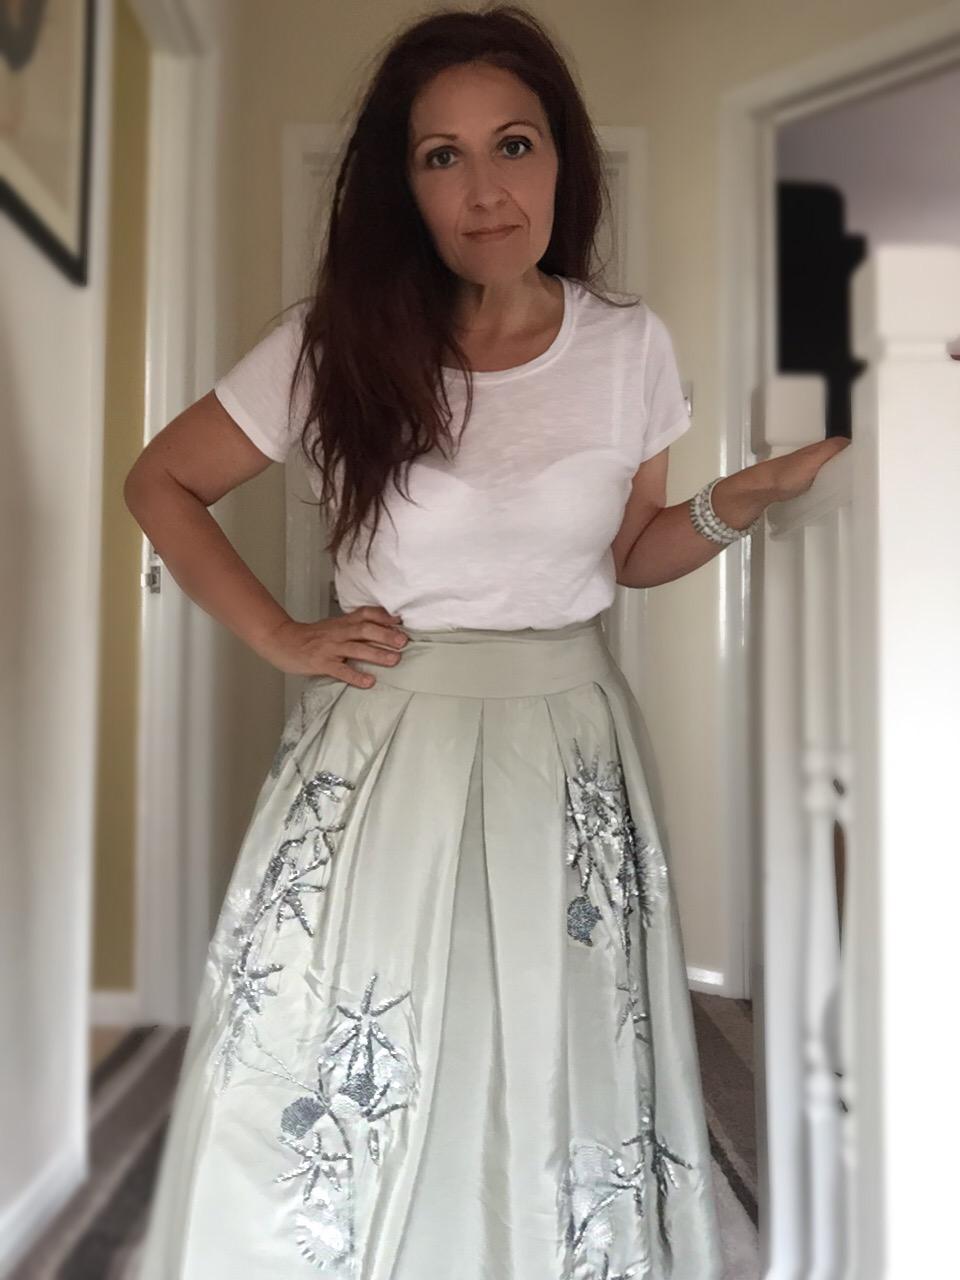 white t-shirt & monsoon embellished skirt via Always s blue sky girl styling blog